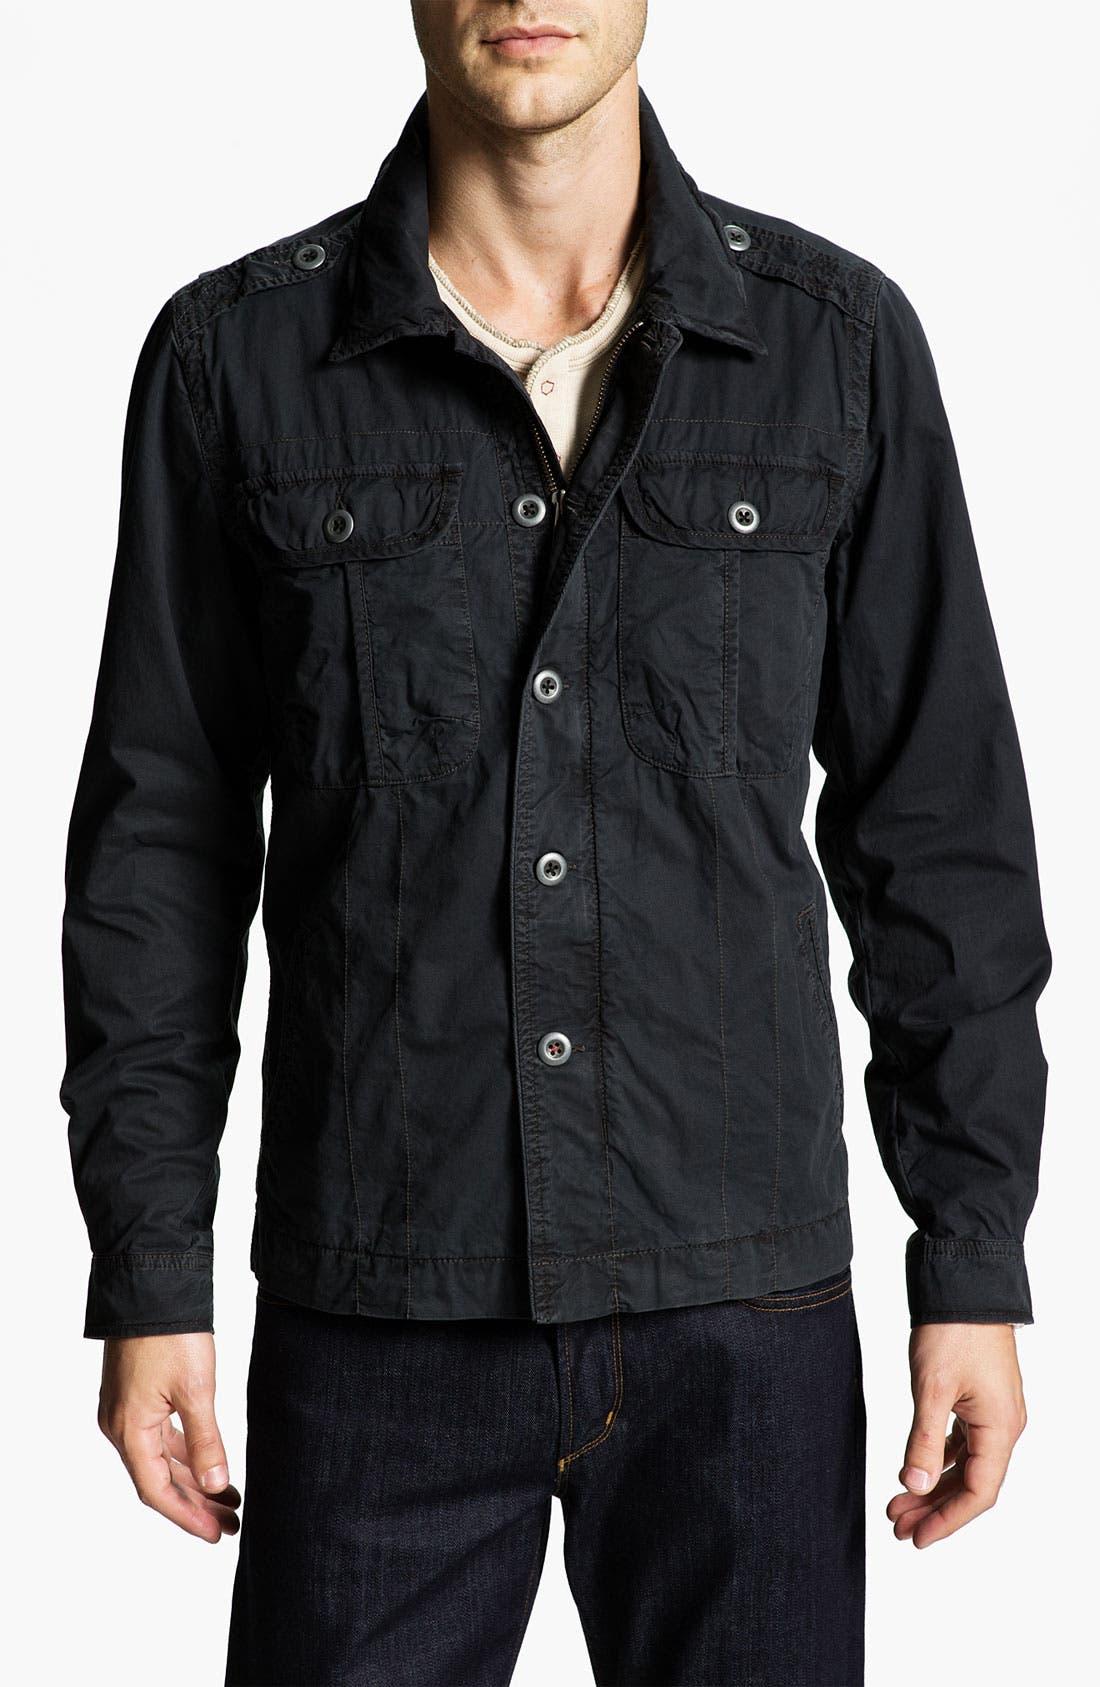 Alternate Image 1 Selected - Jeremiah Twill Jacket